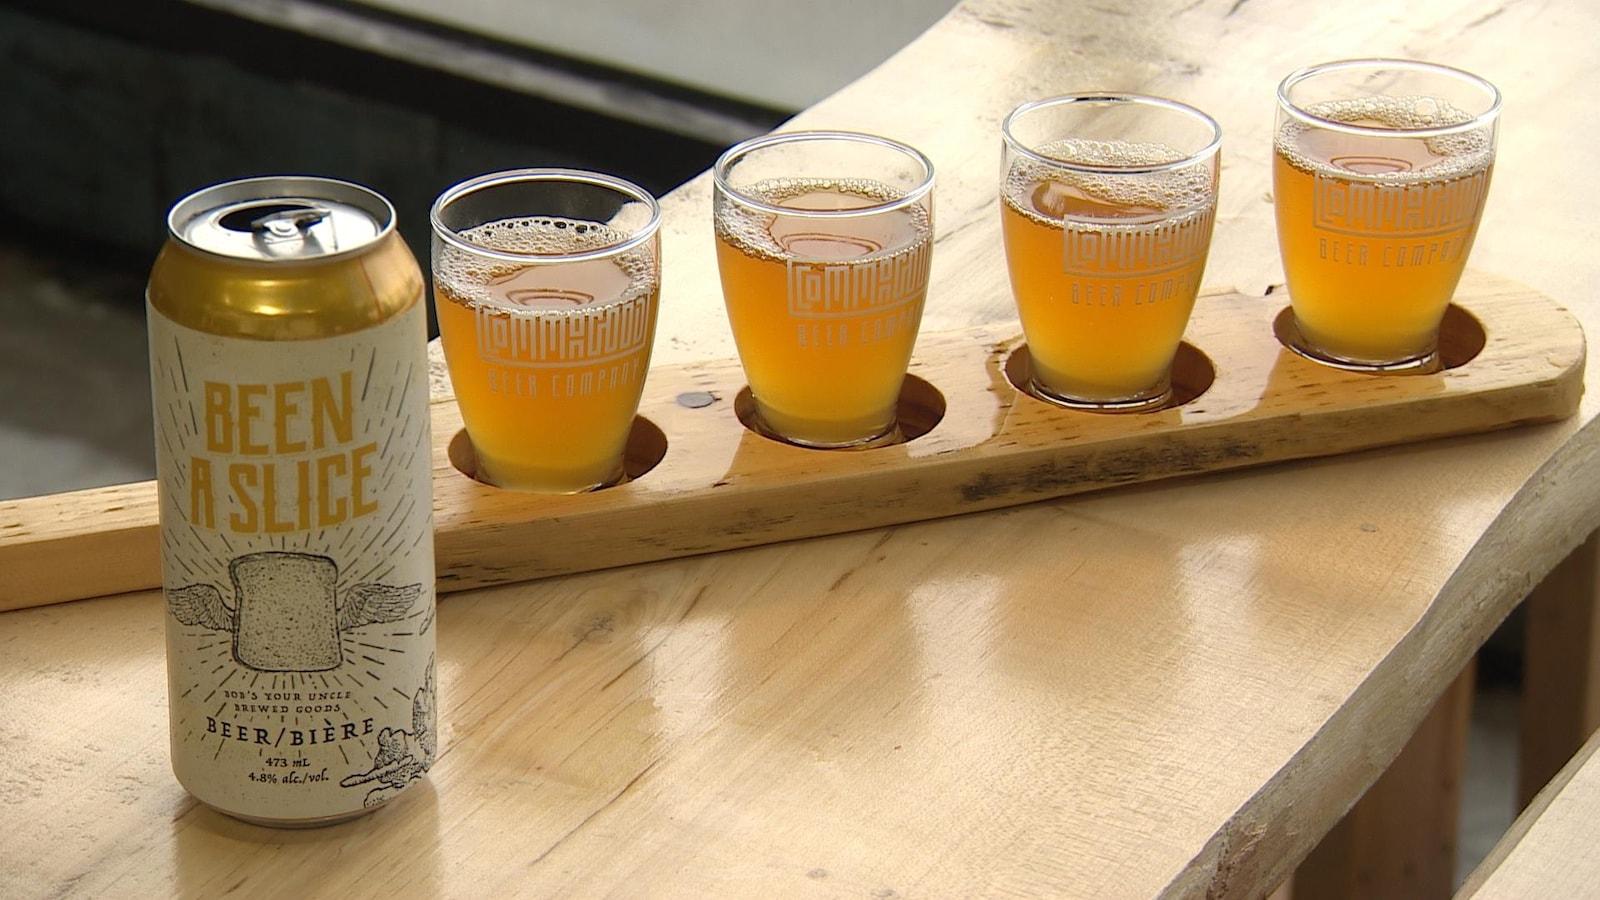 Une canette et des verres de bière.